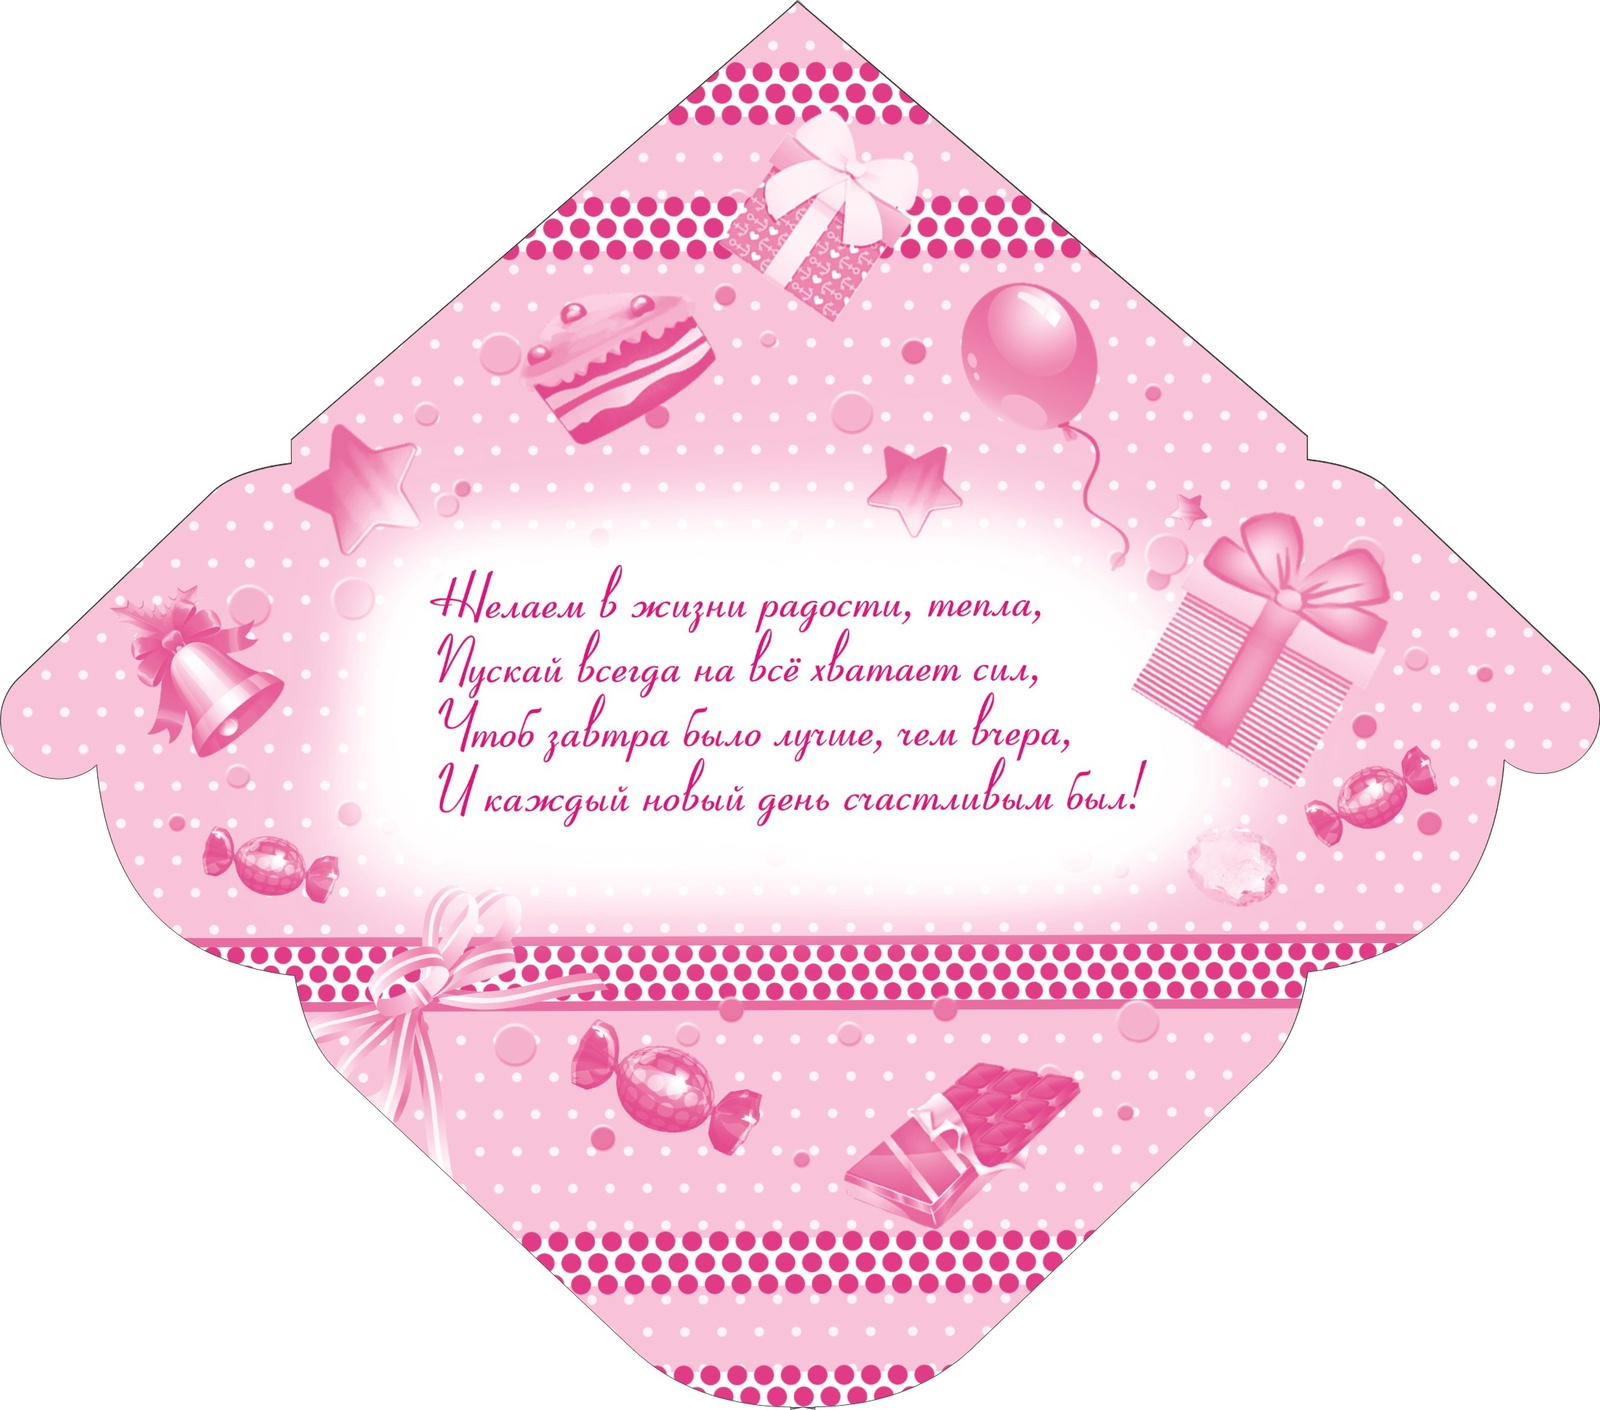 Поздравление на конверт с днем рождения распечатать на принтере